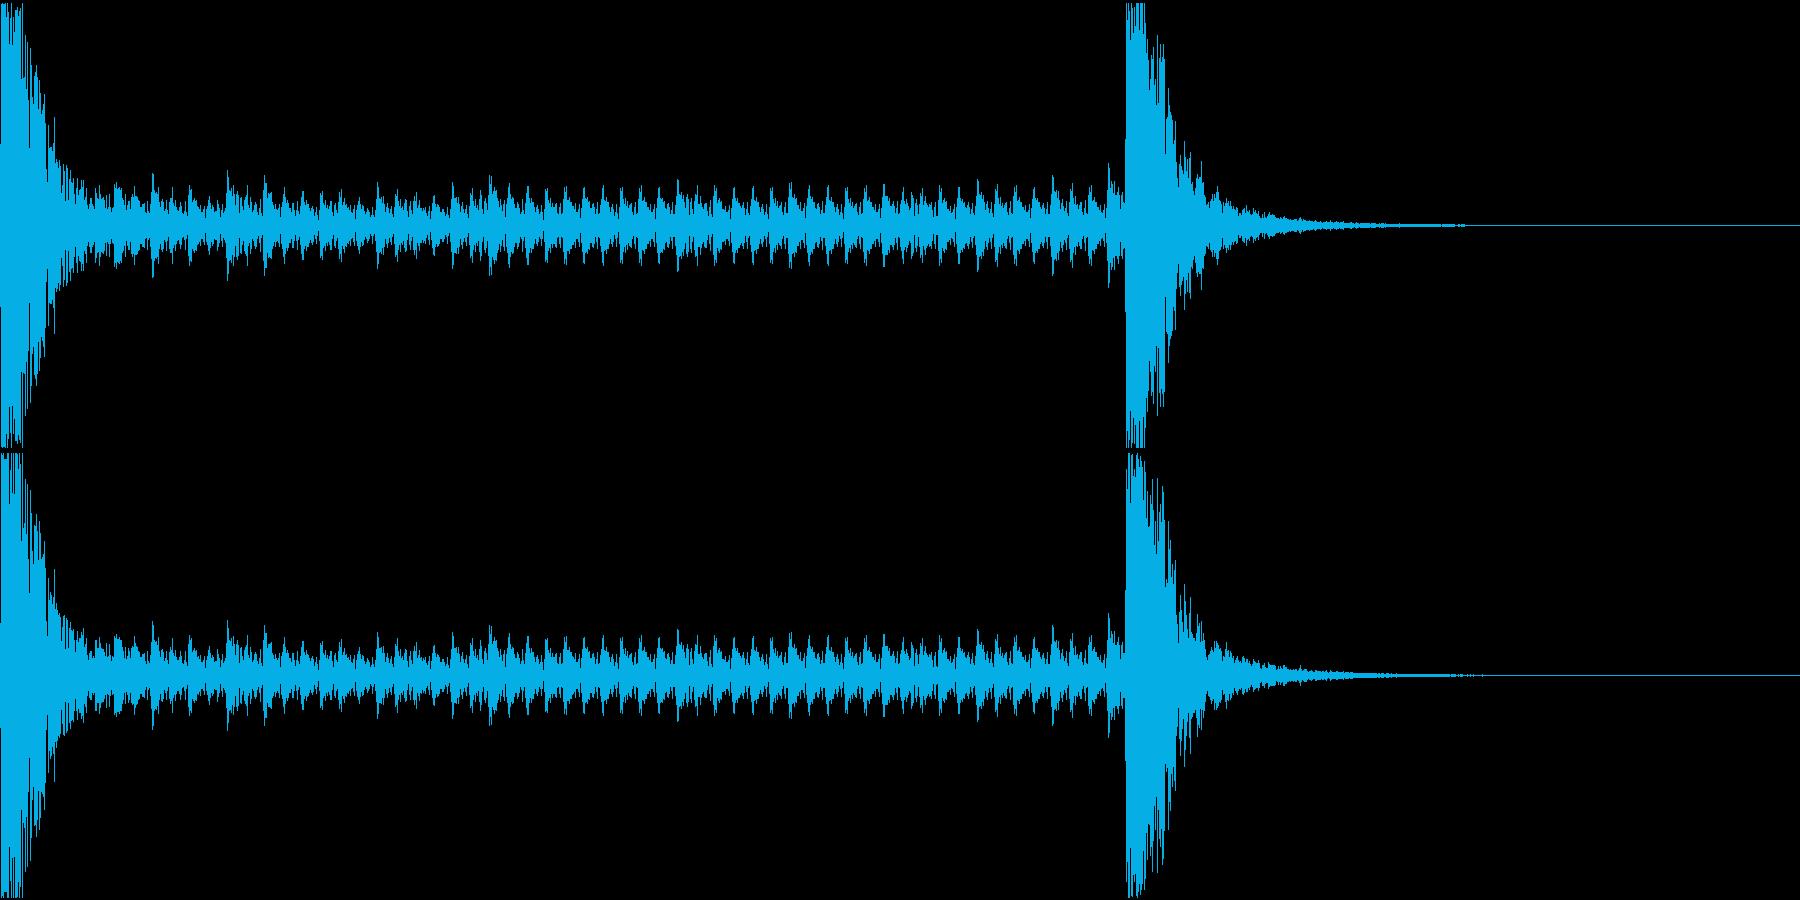 和風ドラムロール[和太鼓、鼓]10秒_1の再生済みの波形